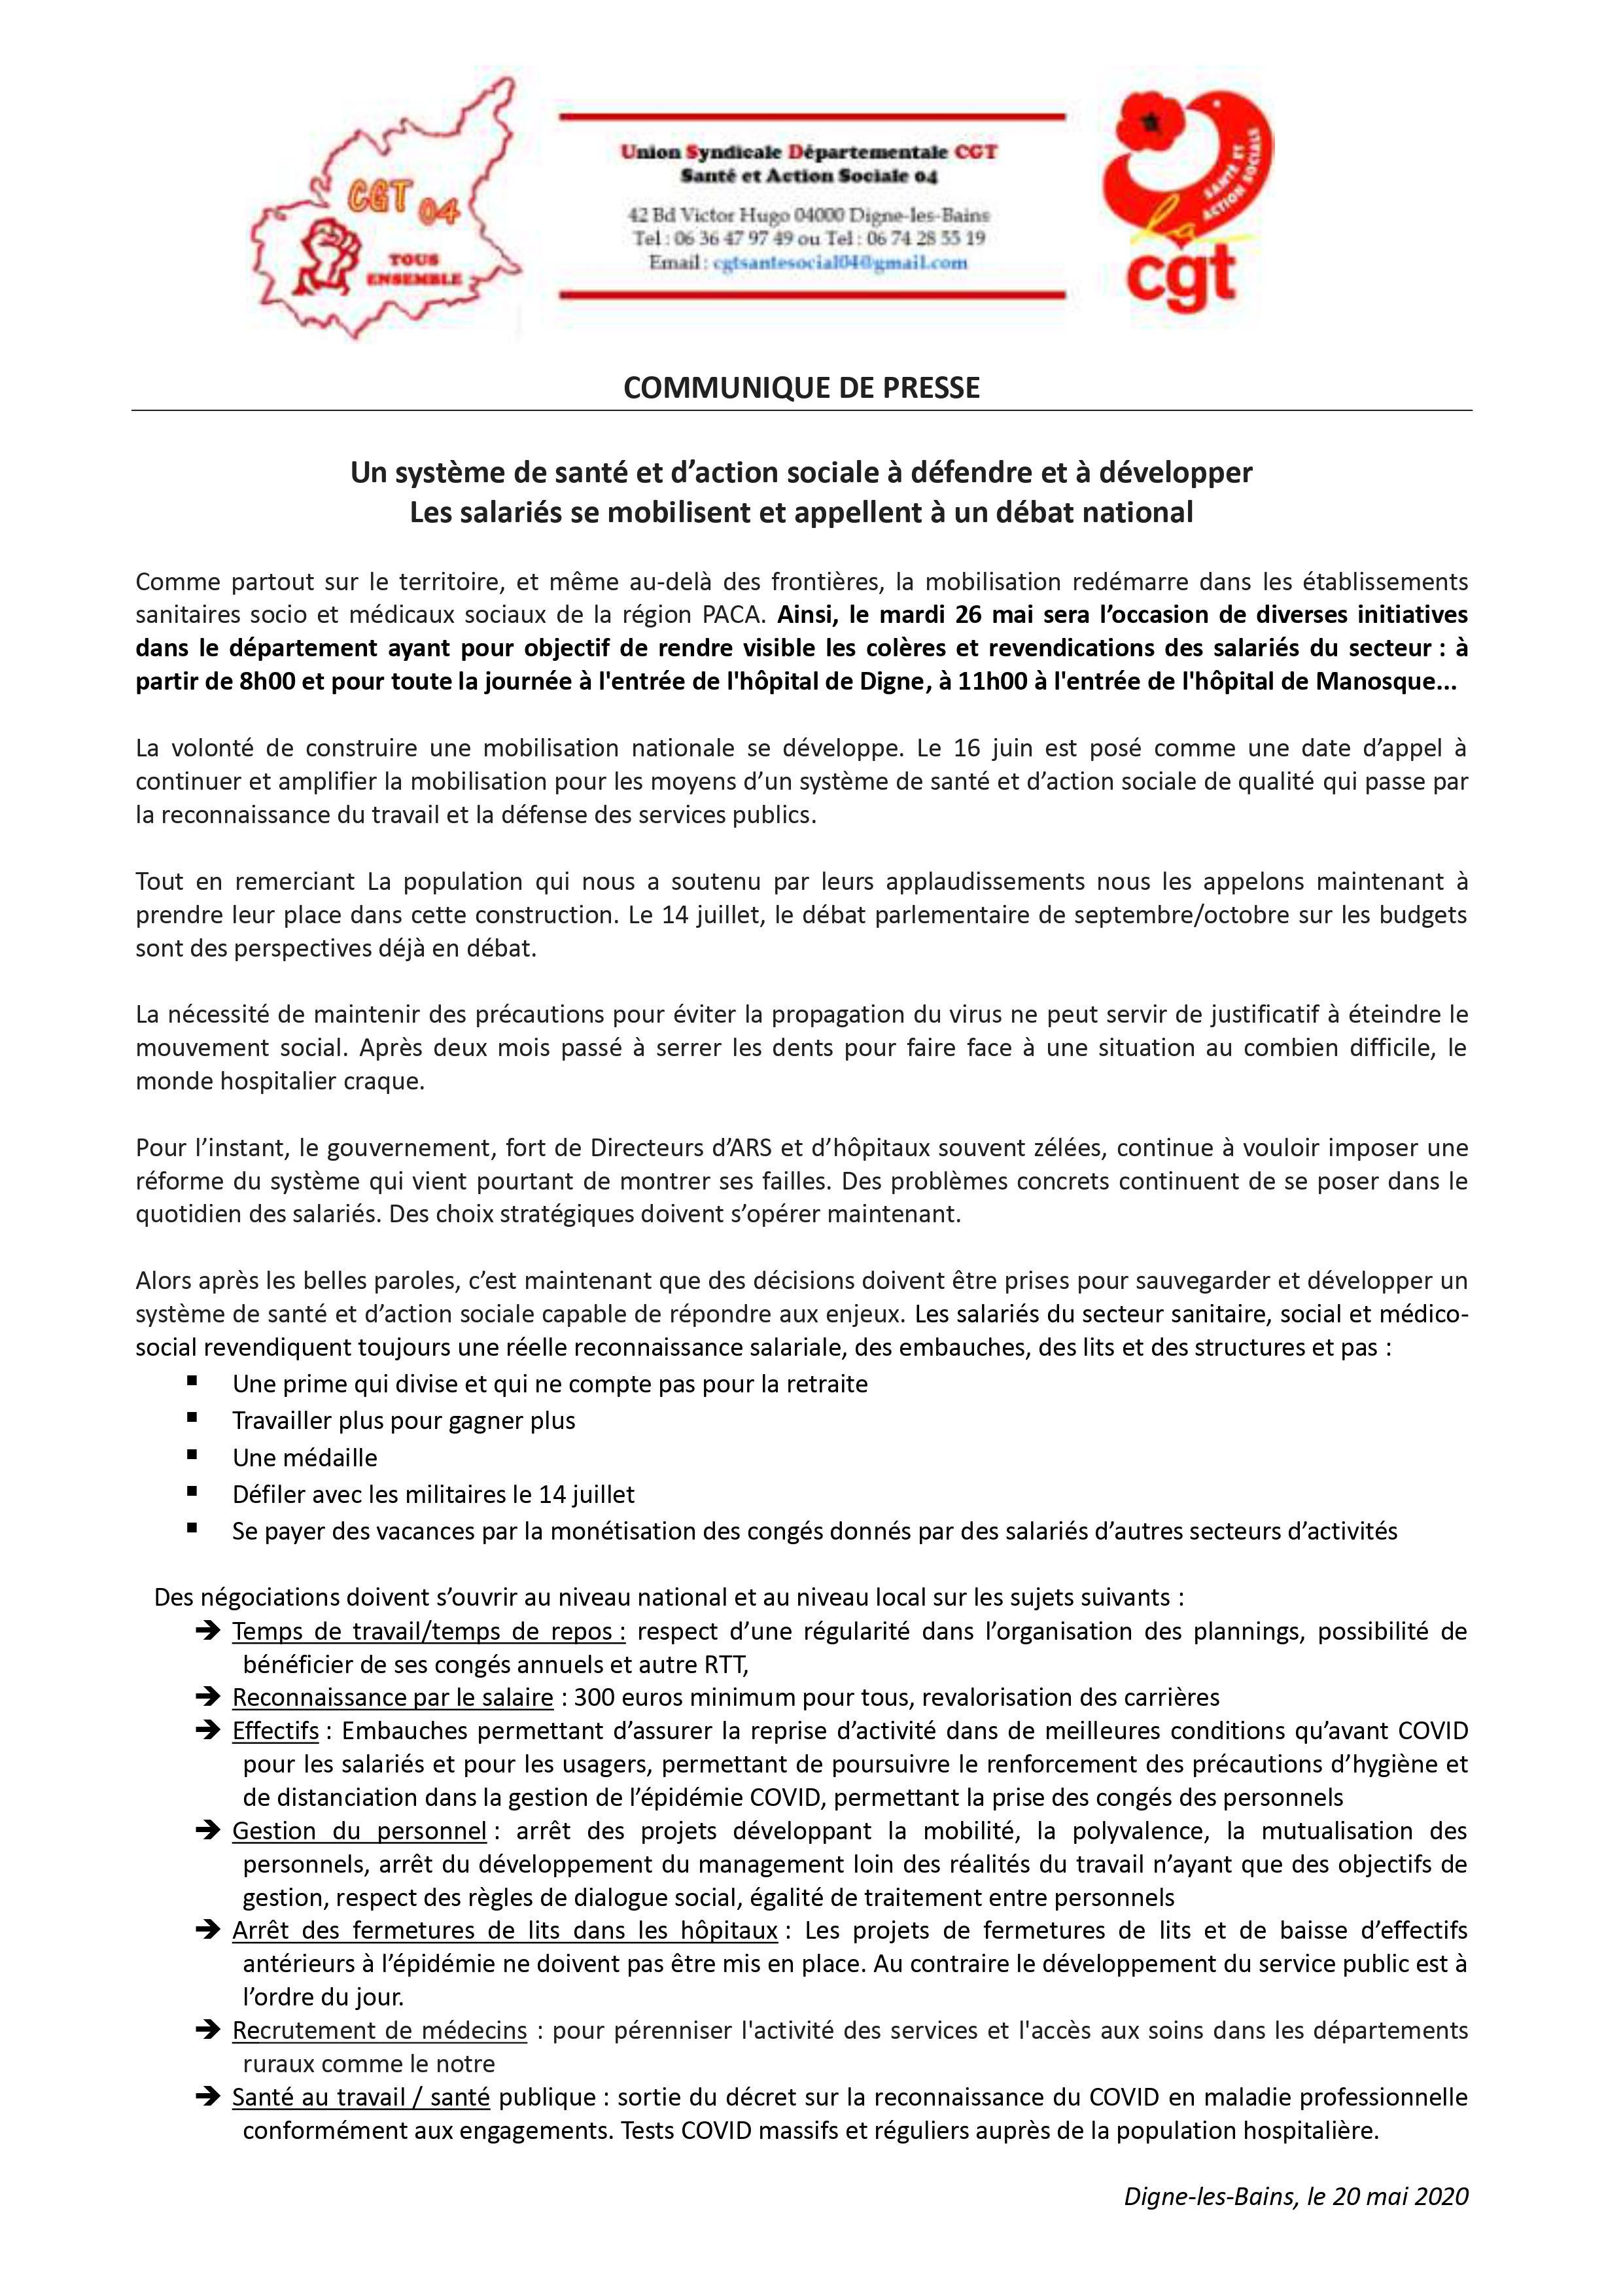 1263.1 Communiqué de presse USD CGT Santé 26 mai 2020